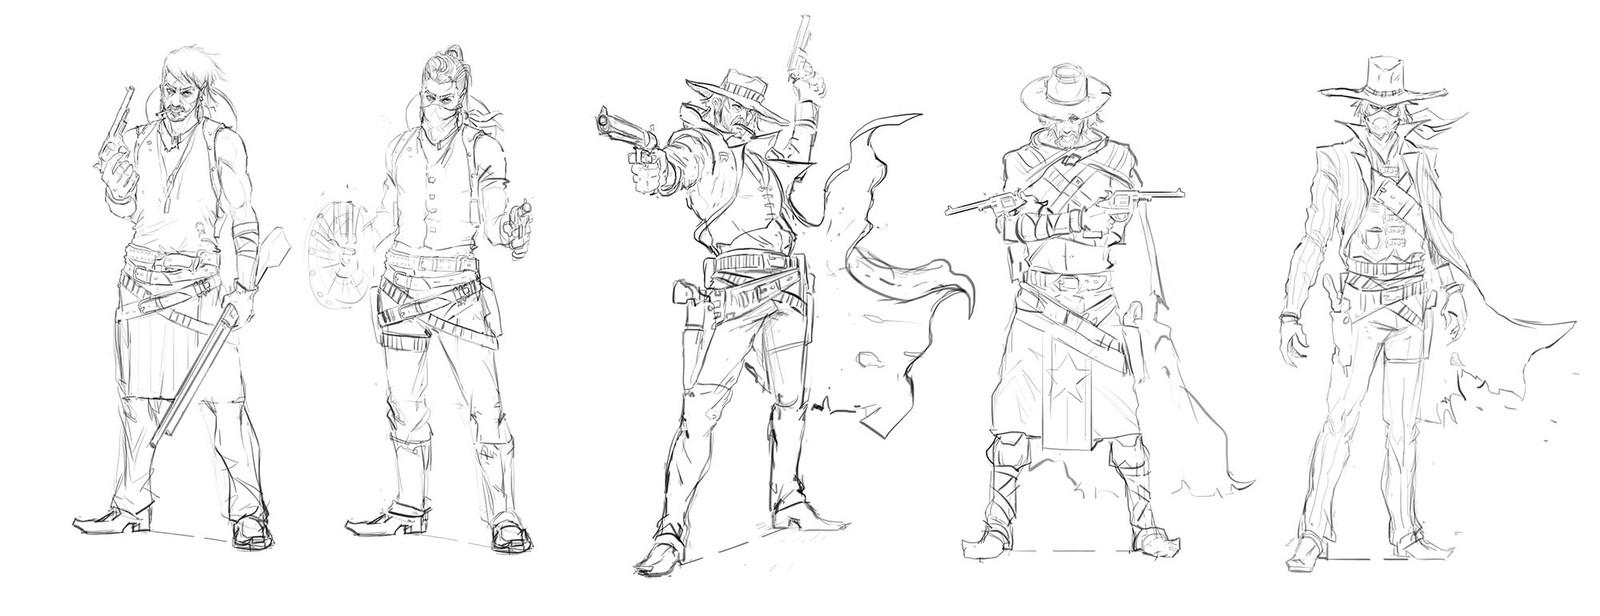 The gunslinger and the Ringmaster